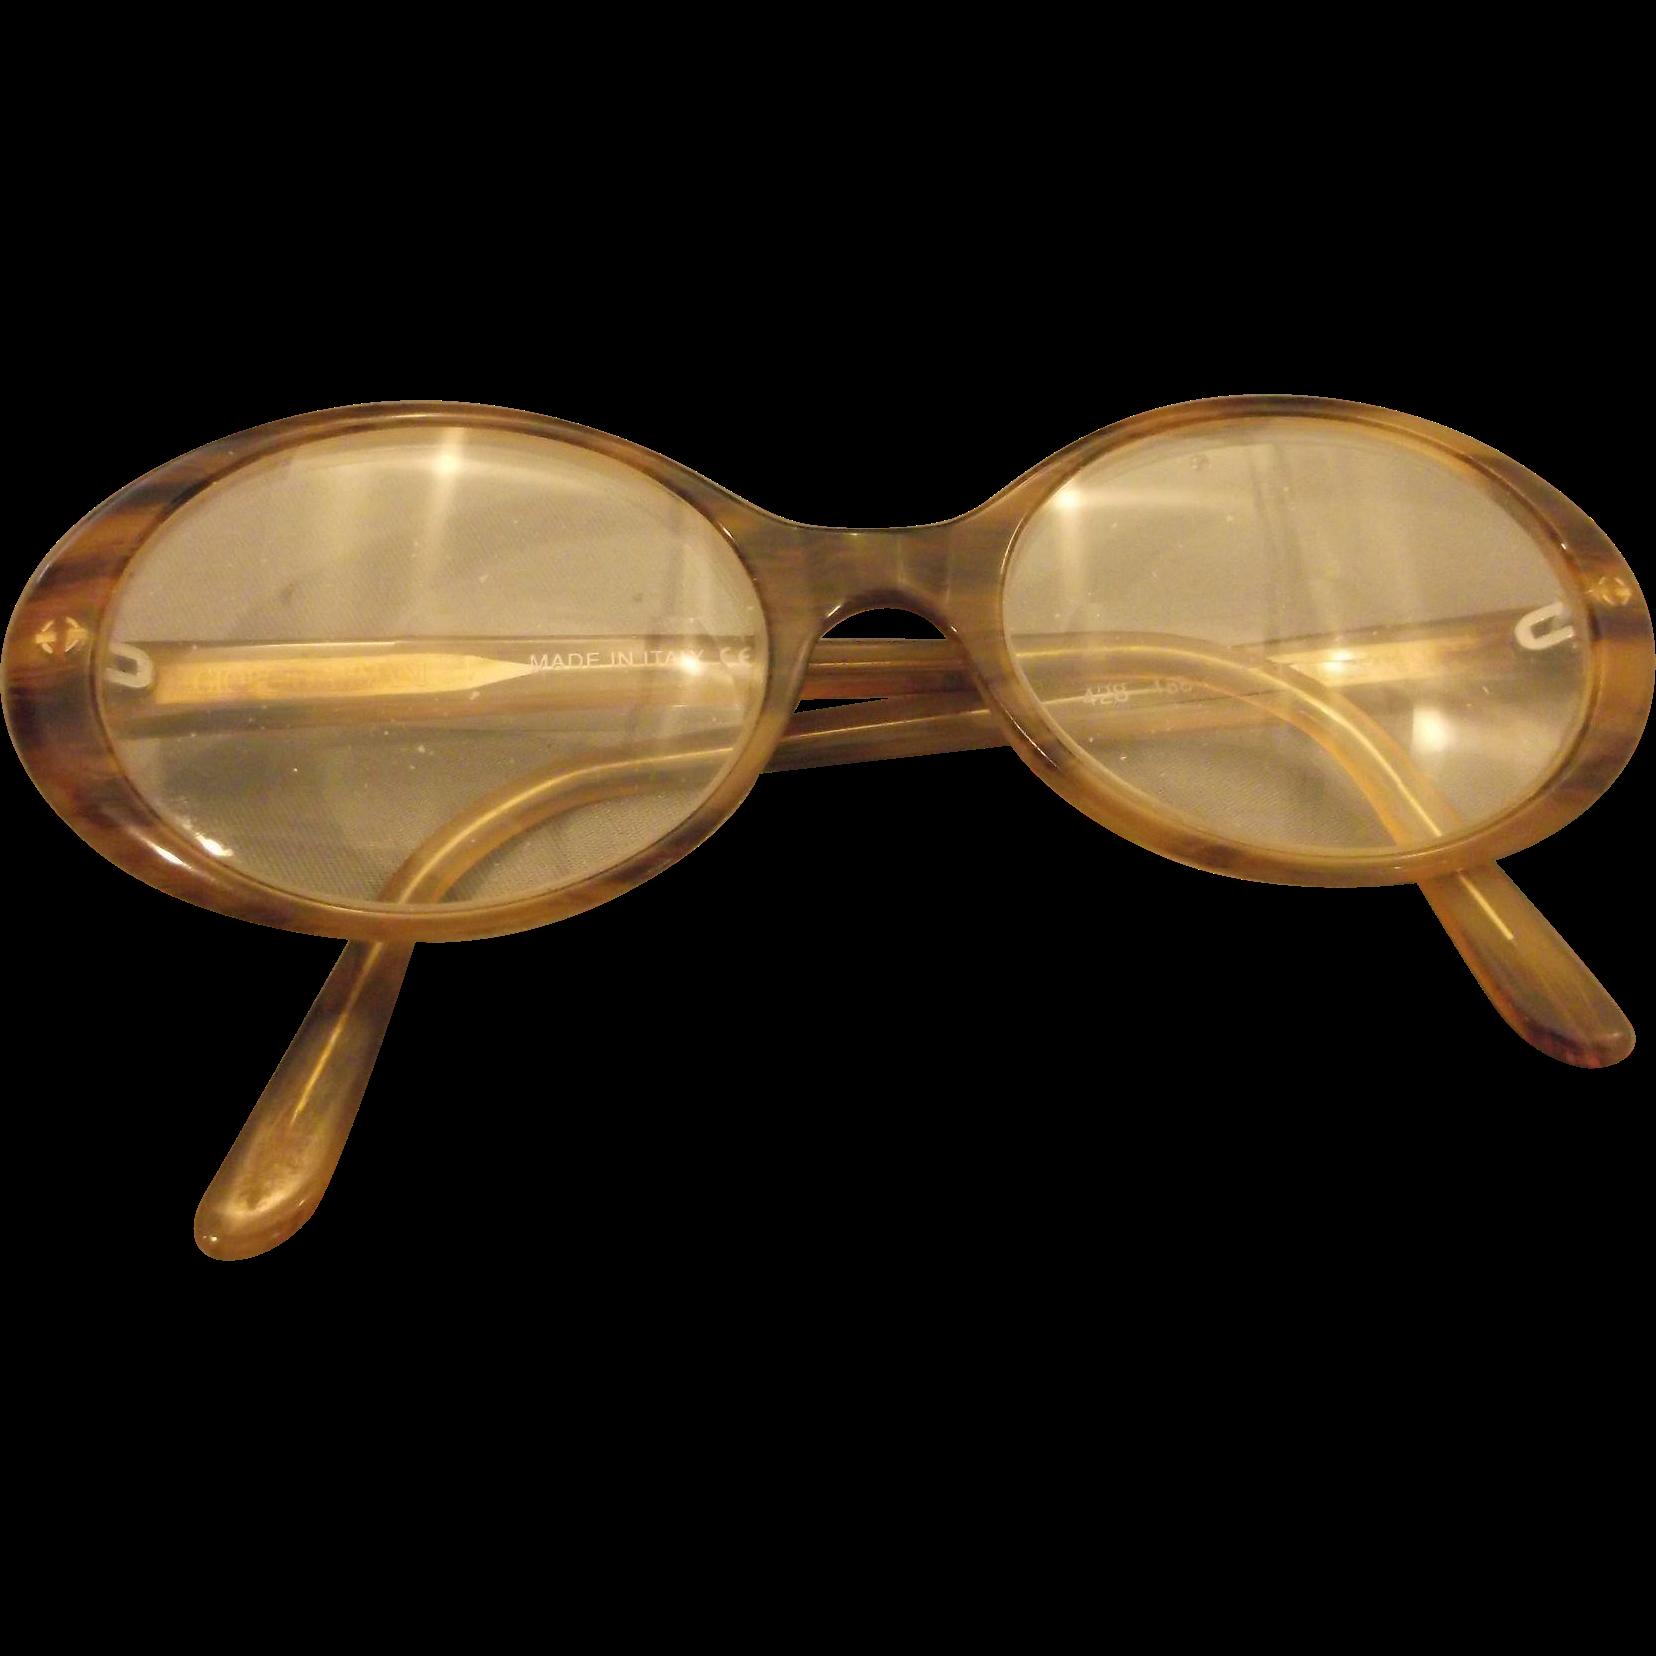 Vintage Armani Glasses Frames : Giorgio Armani Glasses Faux Tortoiseshell Frames Full Rim ...